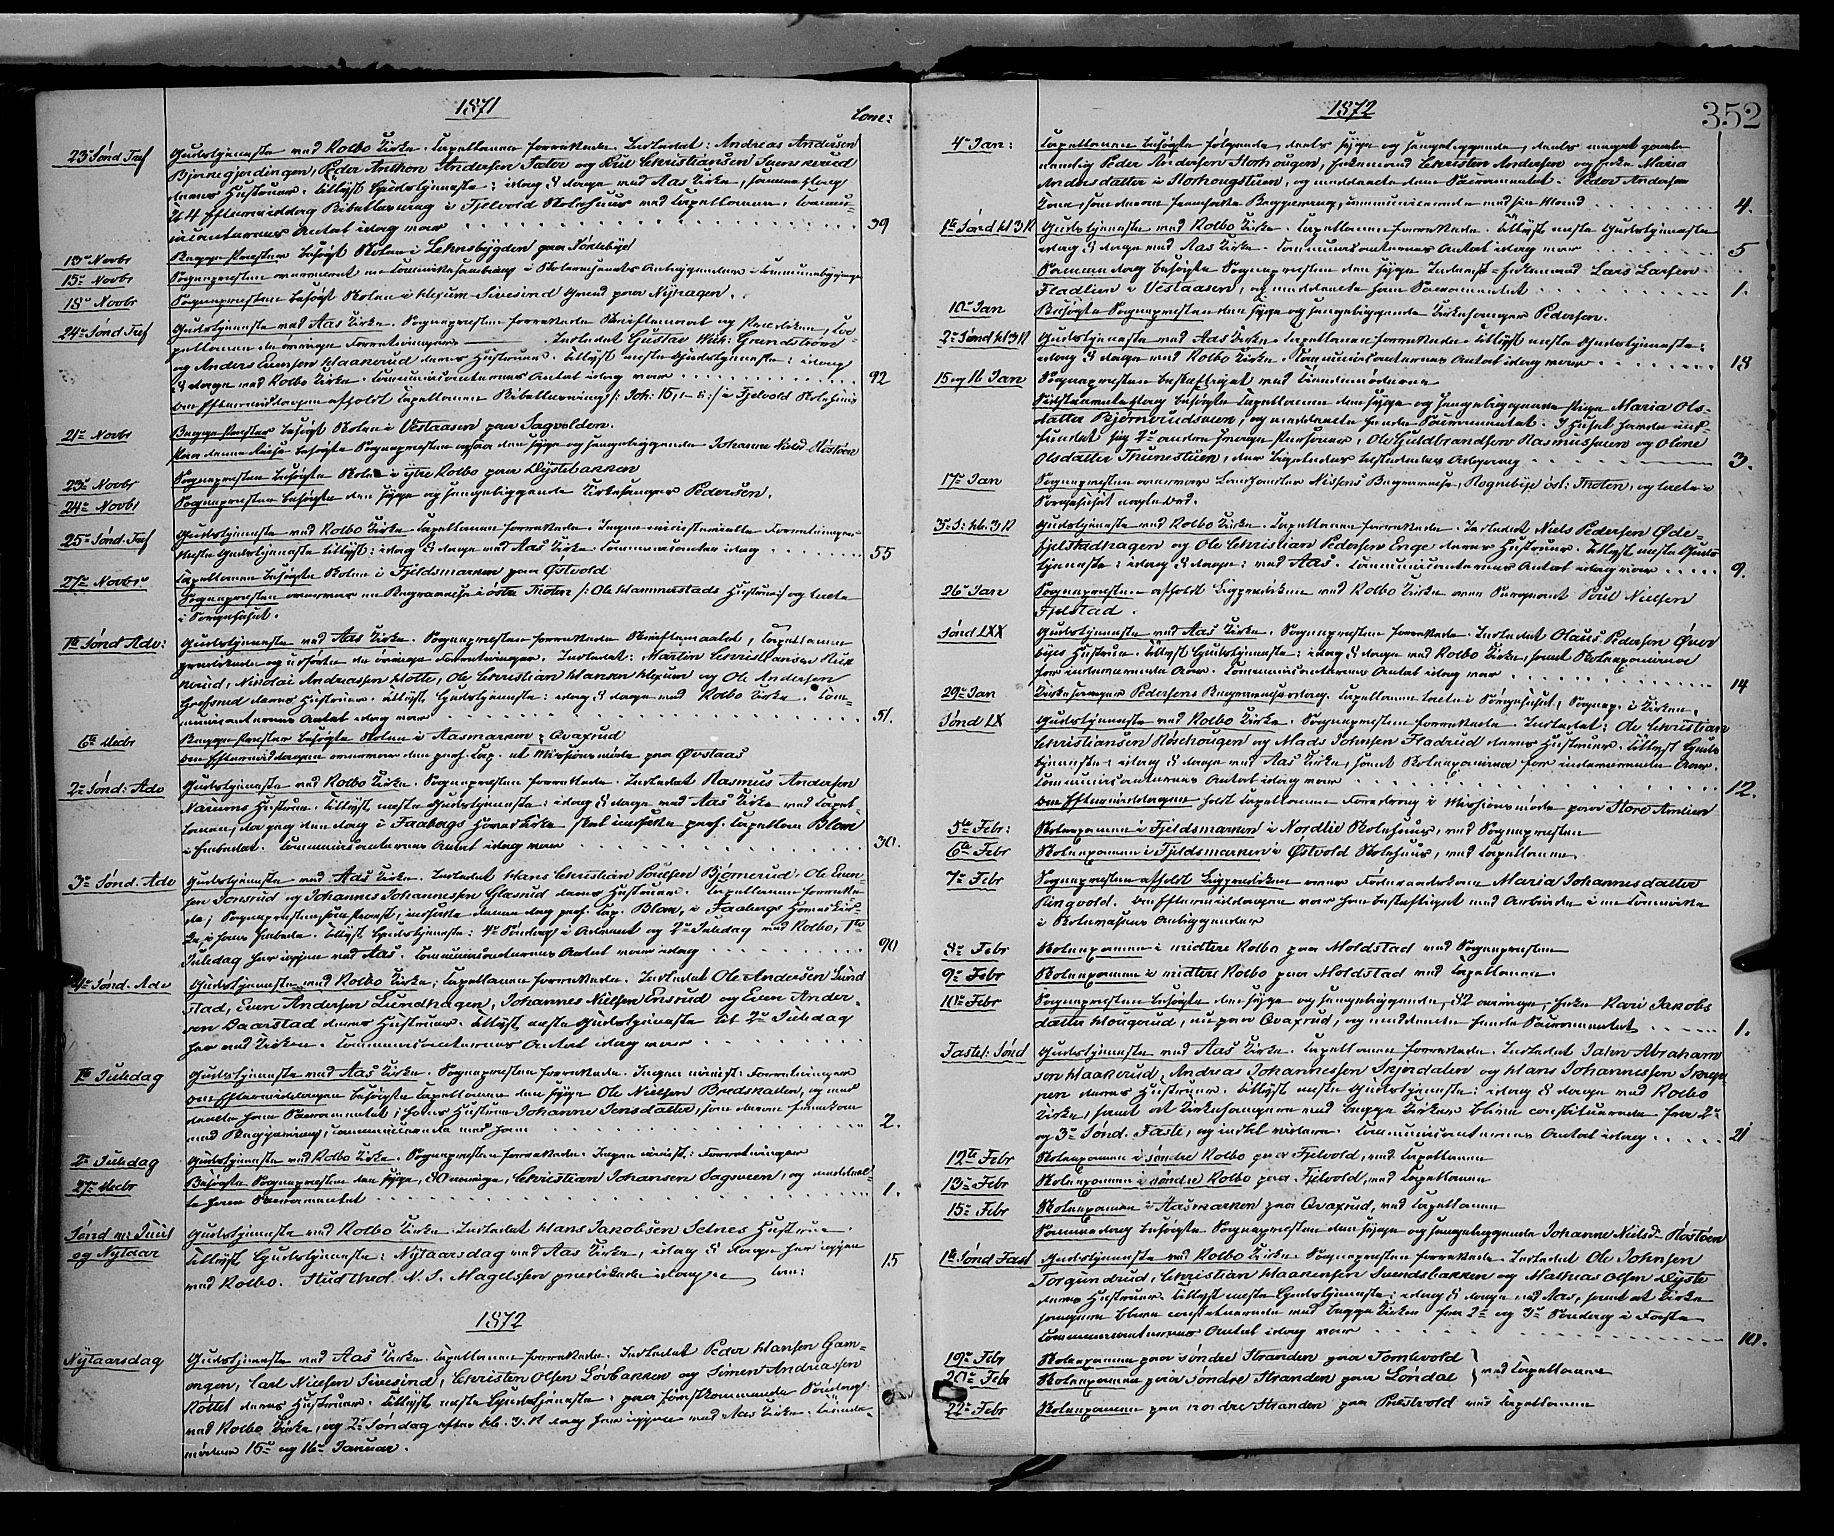 SAH, Vestre Toten prestekontor, Ministerialbok nr. 8, 1870-1877, s. 352